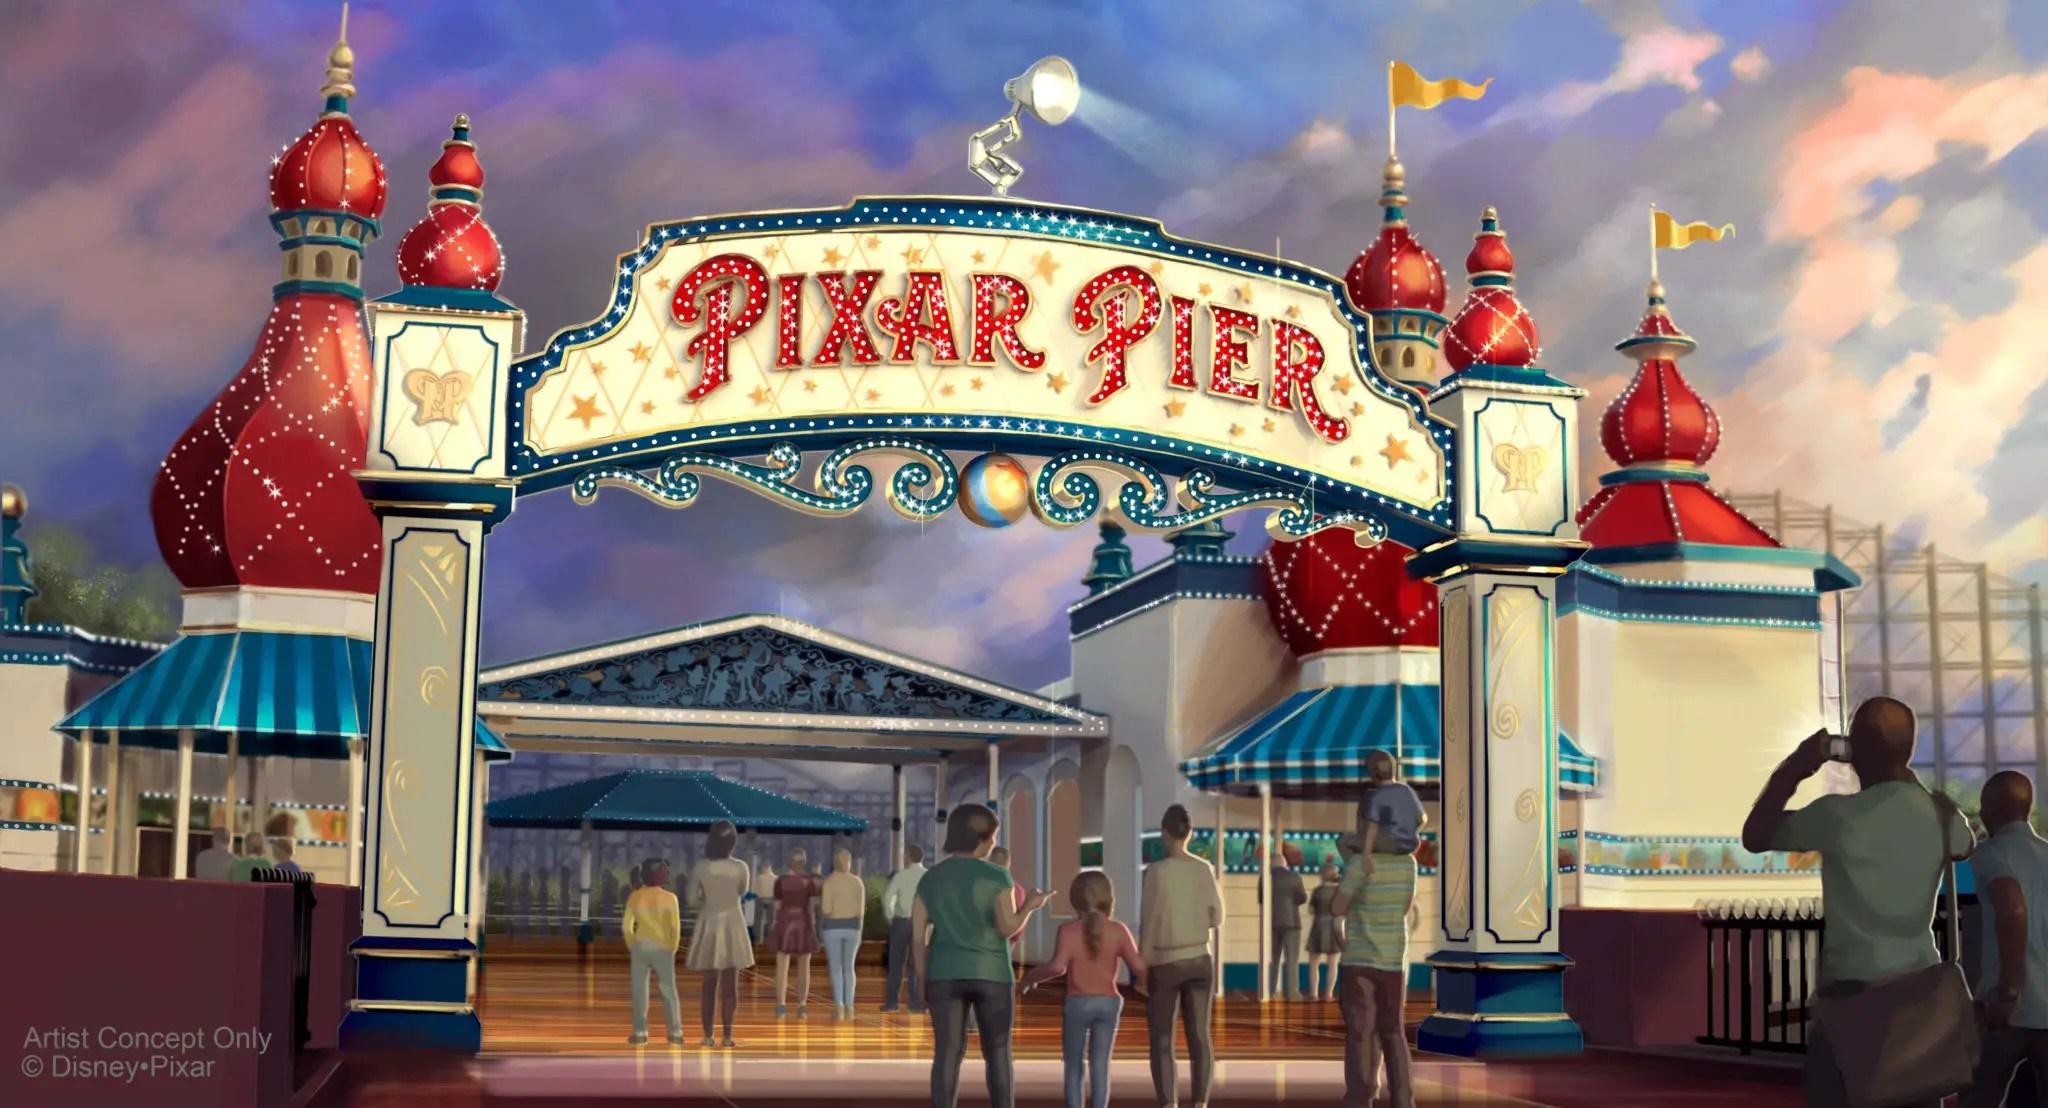 Pixar Pier Opening Date